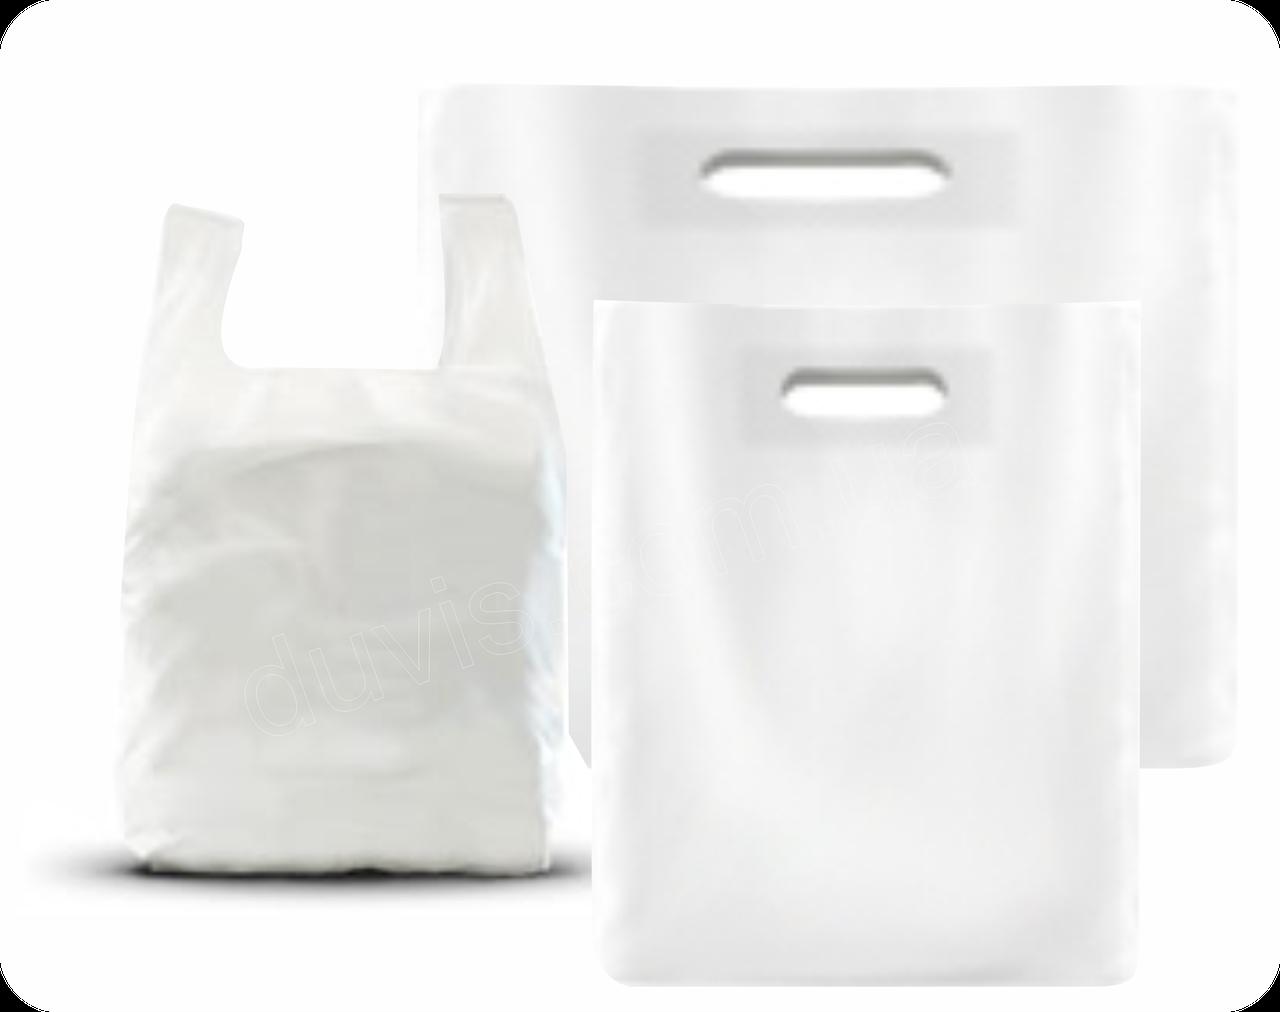 Пакеты полиэтиленовые активированные под трафаретную печать от 100 шт